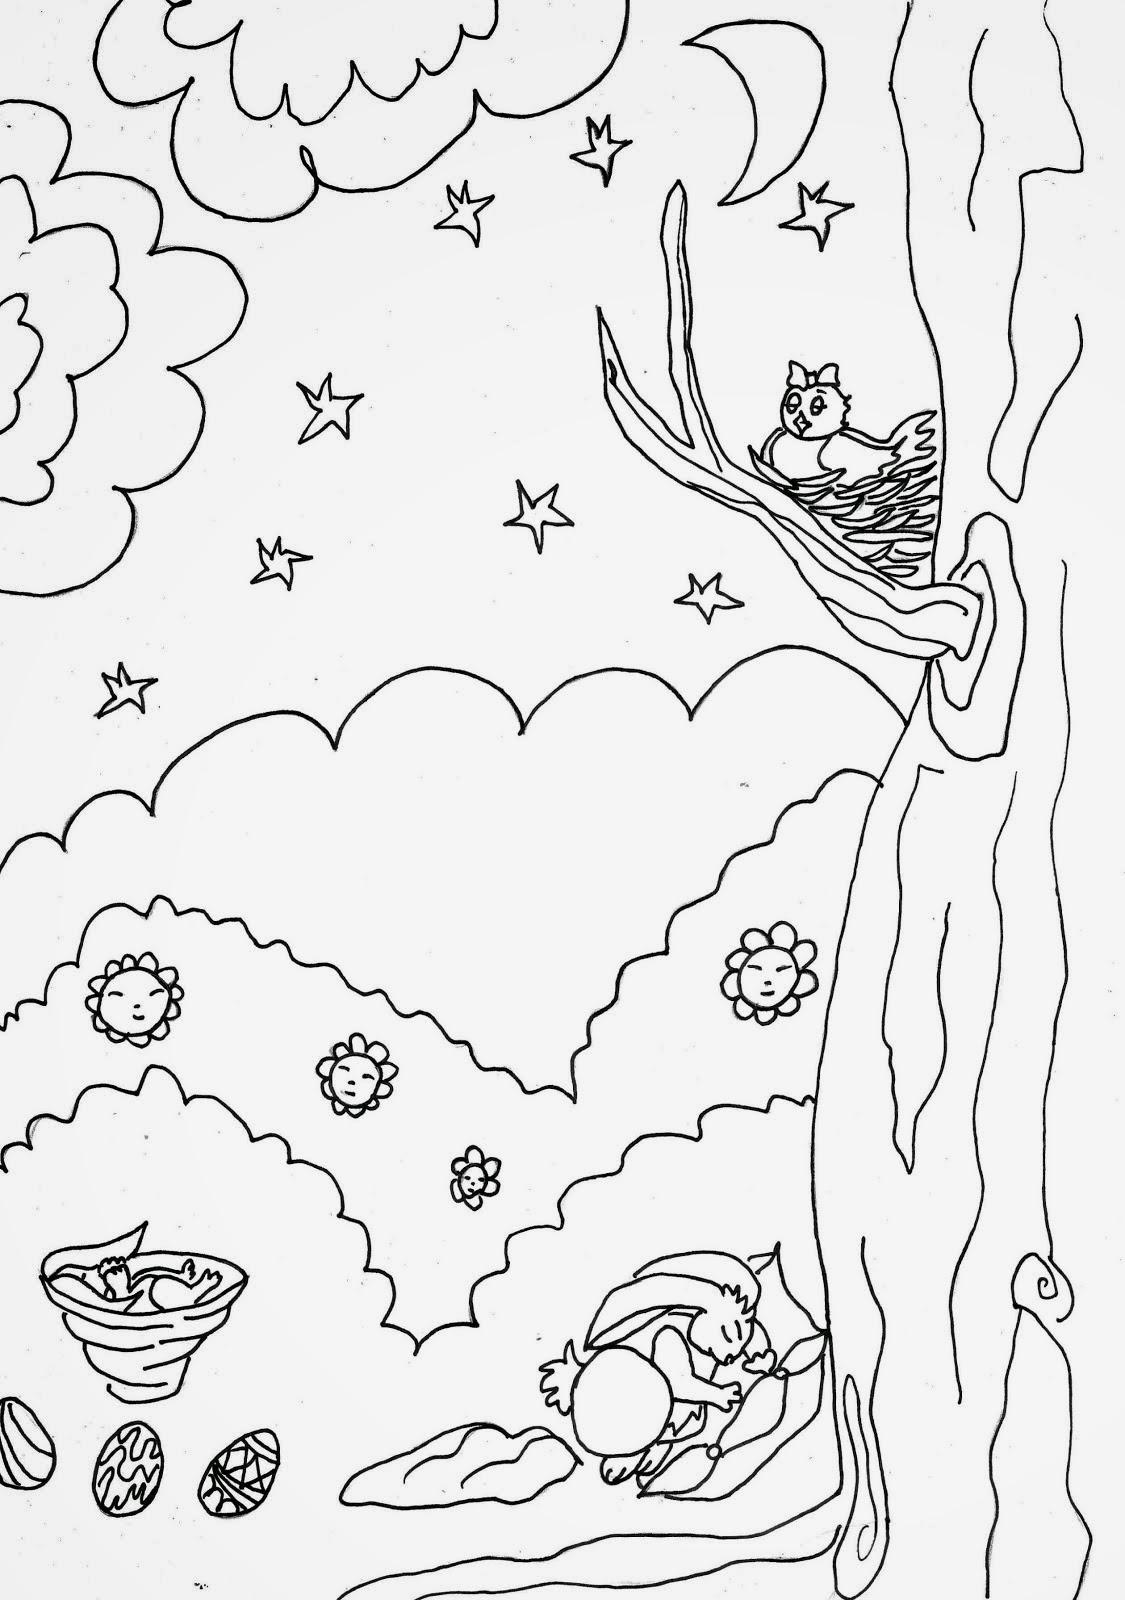 Dibujos Del Dia De La Primavera Para Colorear Desmotivaciones Tristes